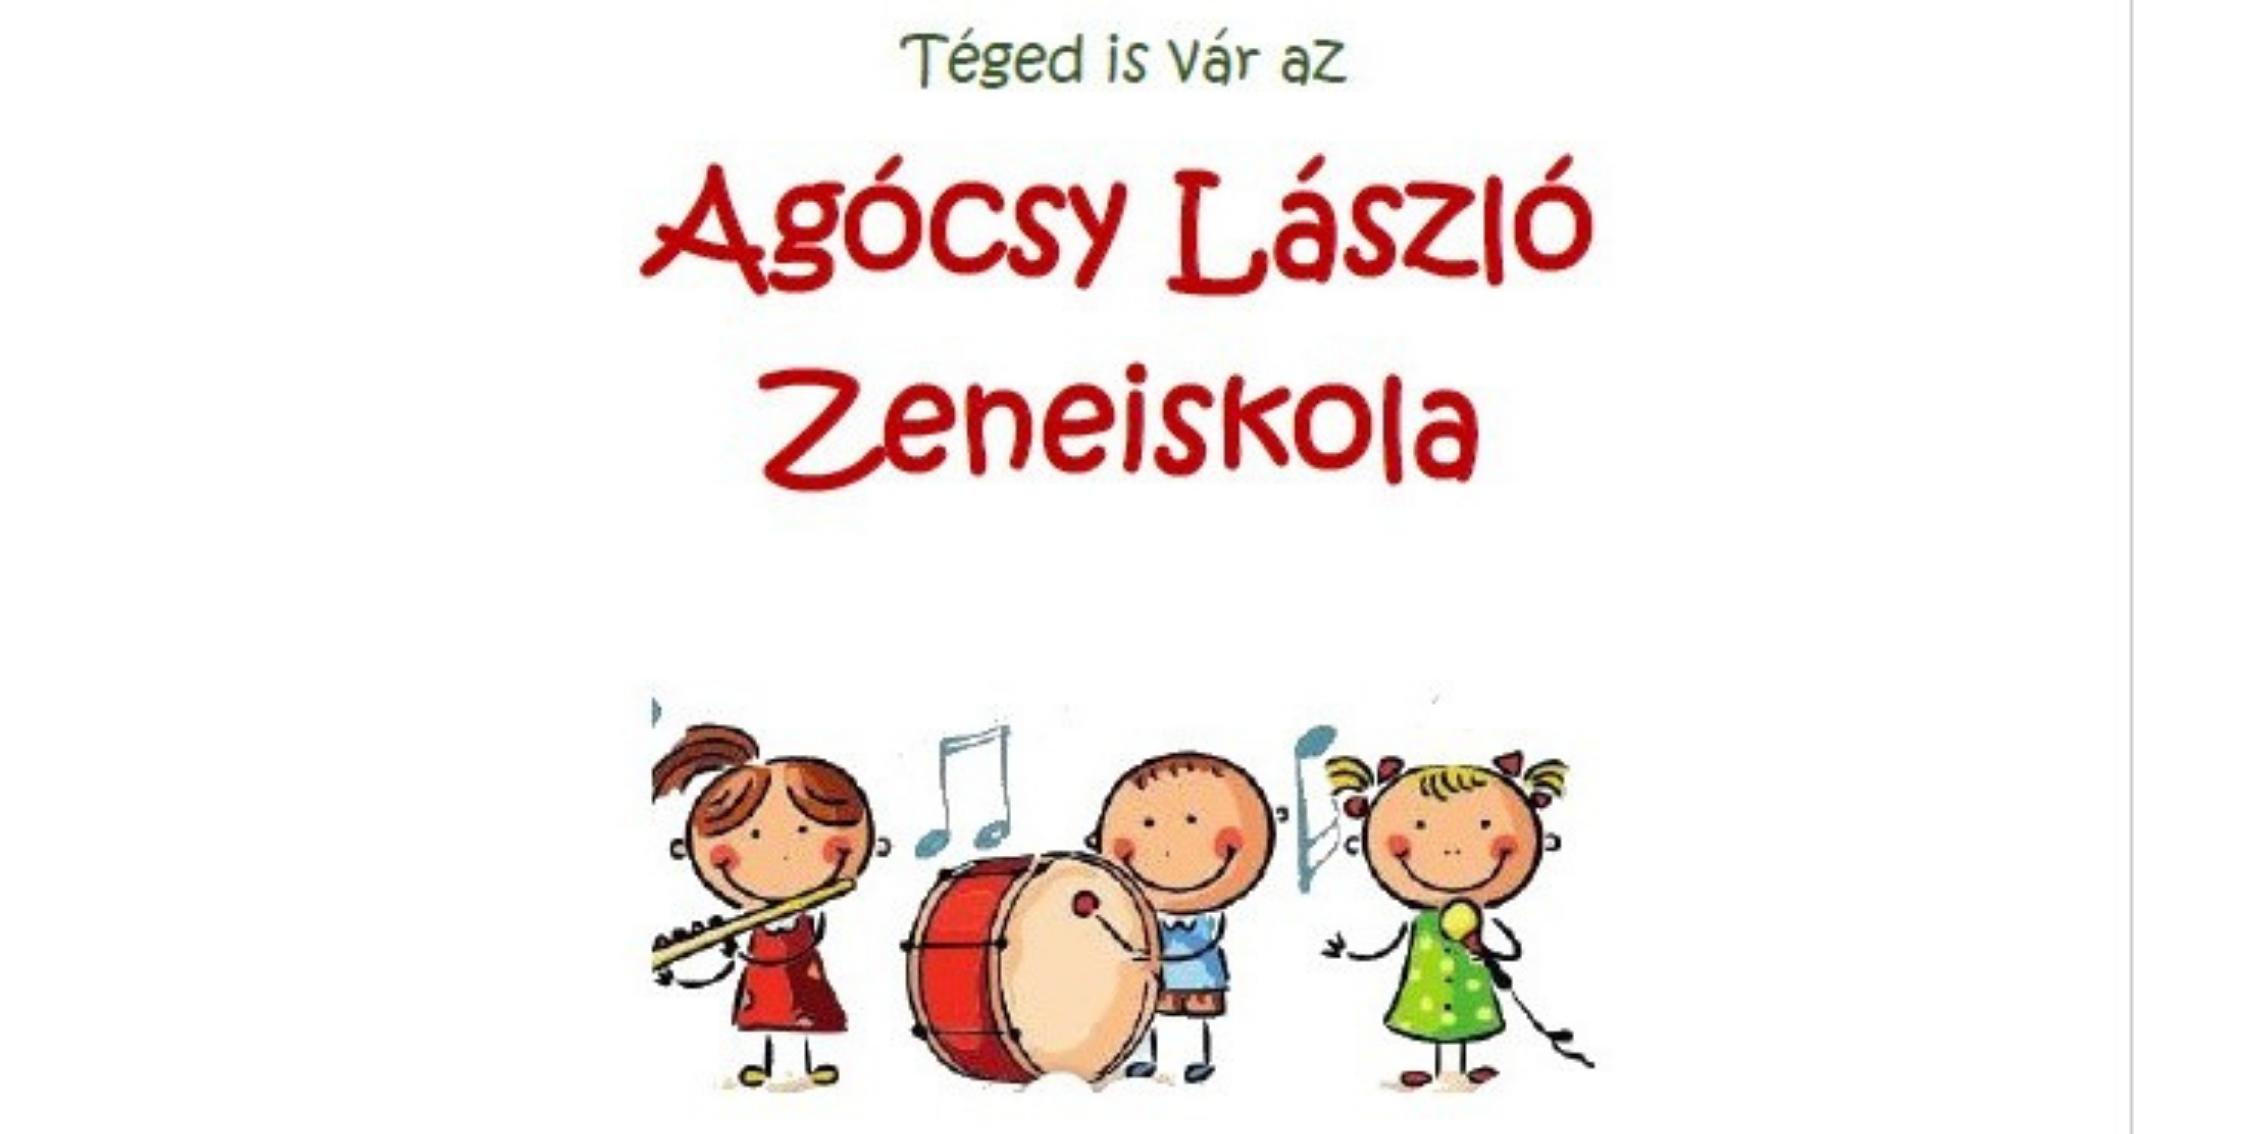 Beiratkozás az Agócsy László Zeneiskolába 2021